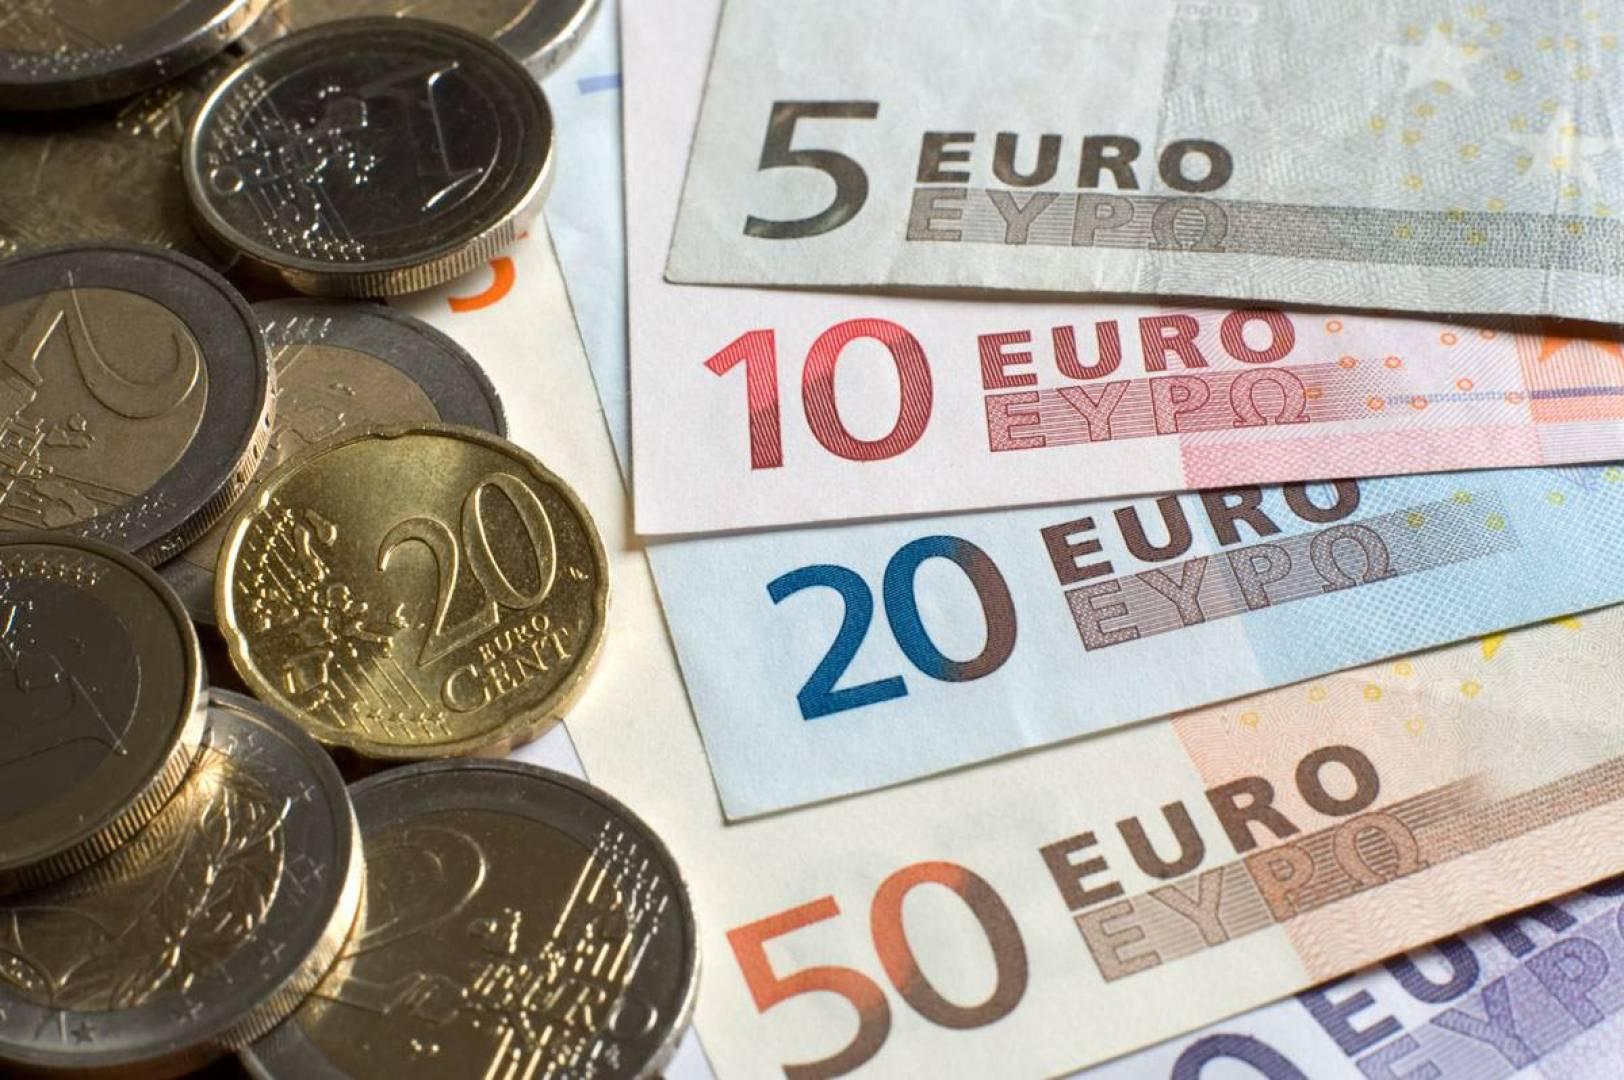 تفشي «كورونا» يؤخر انتعاش اقتصاد منطقة اليورو إلى النصف الثاني من 2020